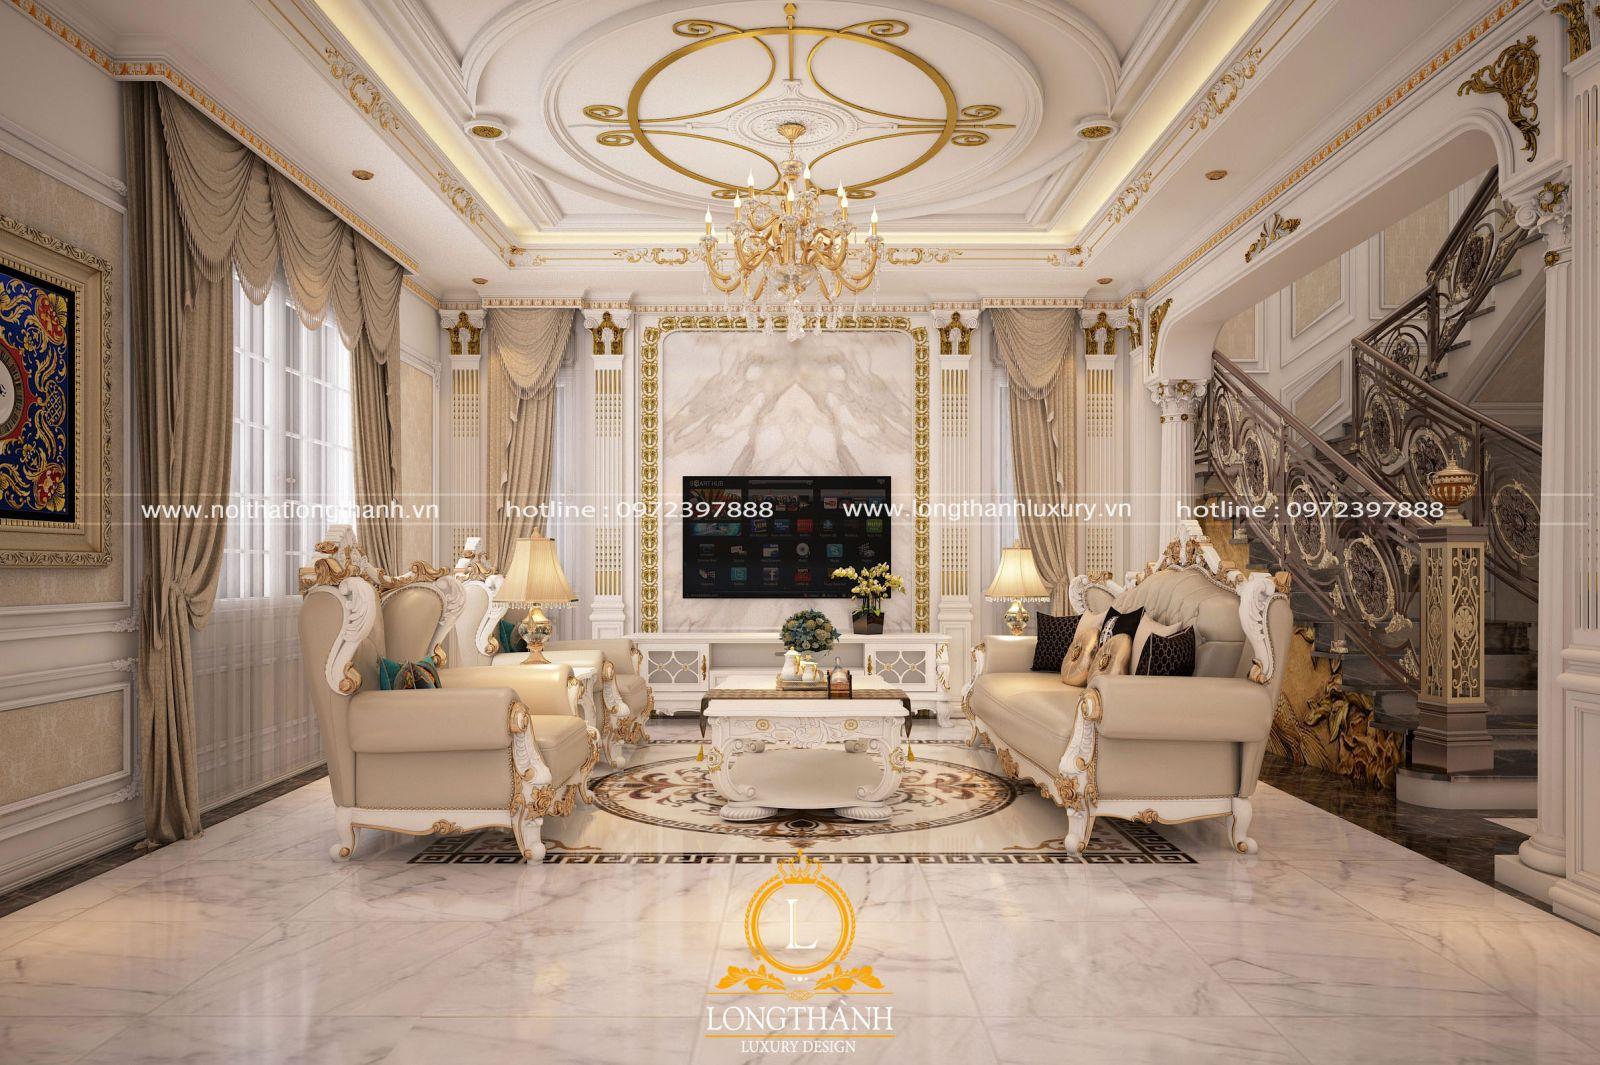 Nội thất phòng khách biệt thự sơn trắng nhẹ nhàng